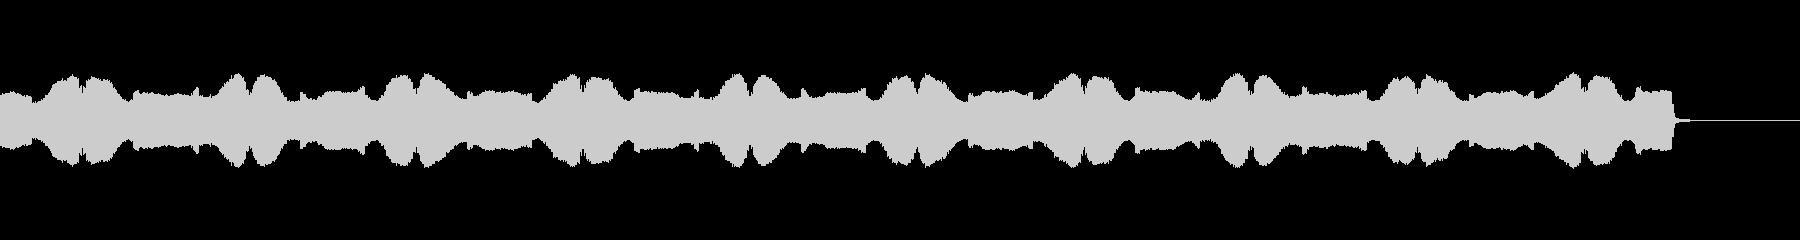 ピコピコ計算/分析解析/宇宙と交信6の未再生の波形